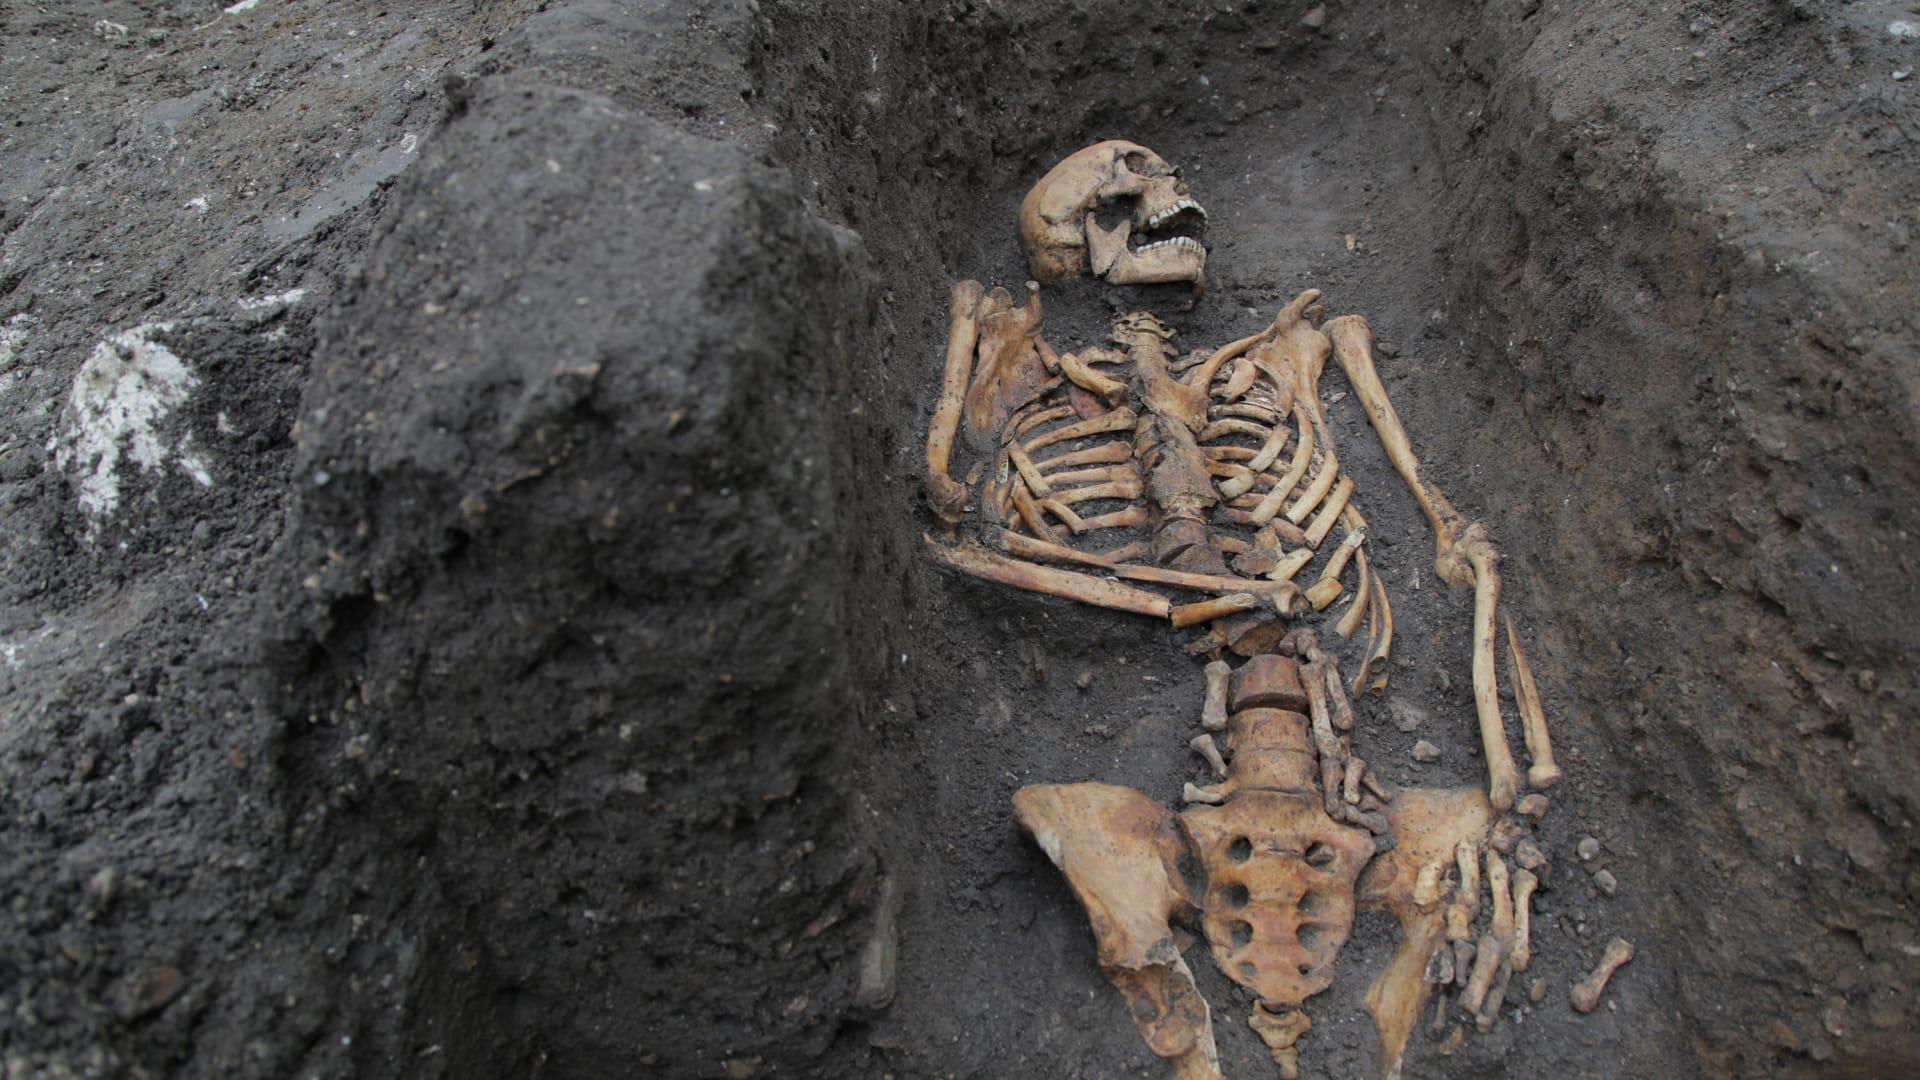 """علماء الآثار يكشفون عن 119 جمجمة تعود لرجال ونساء وأطفال في """"برج الجمجمة"""" في المكسيك"""